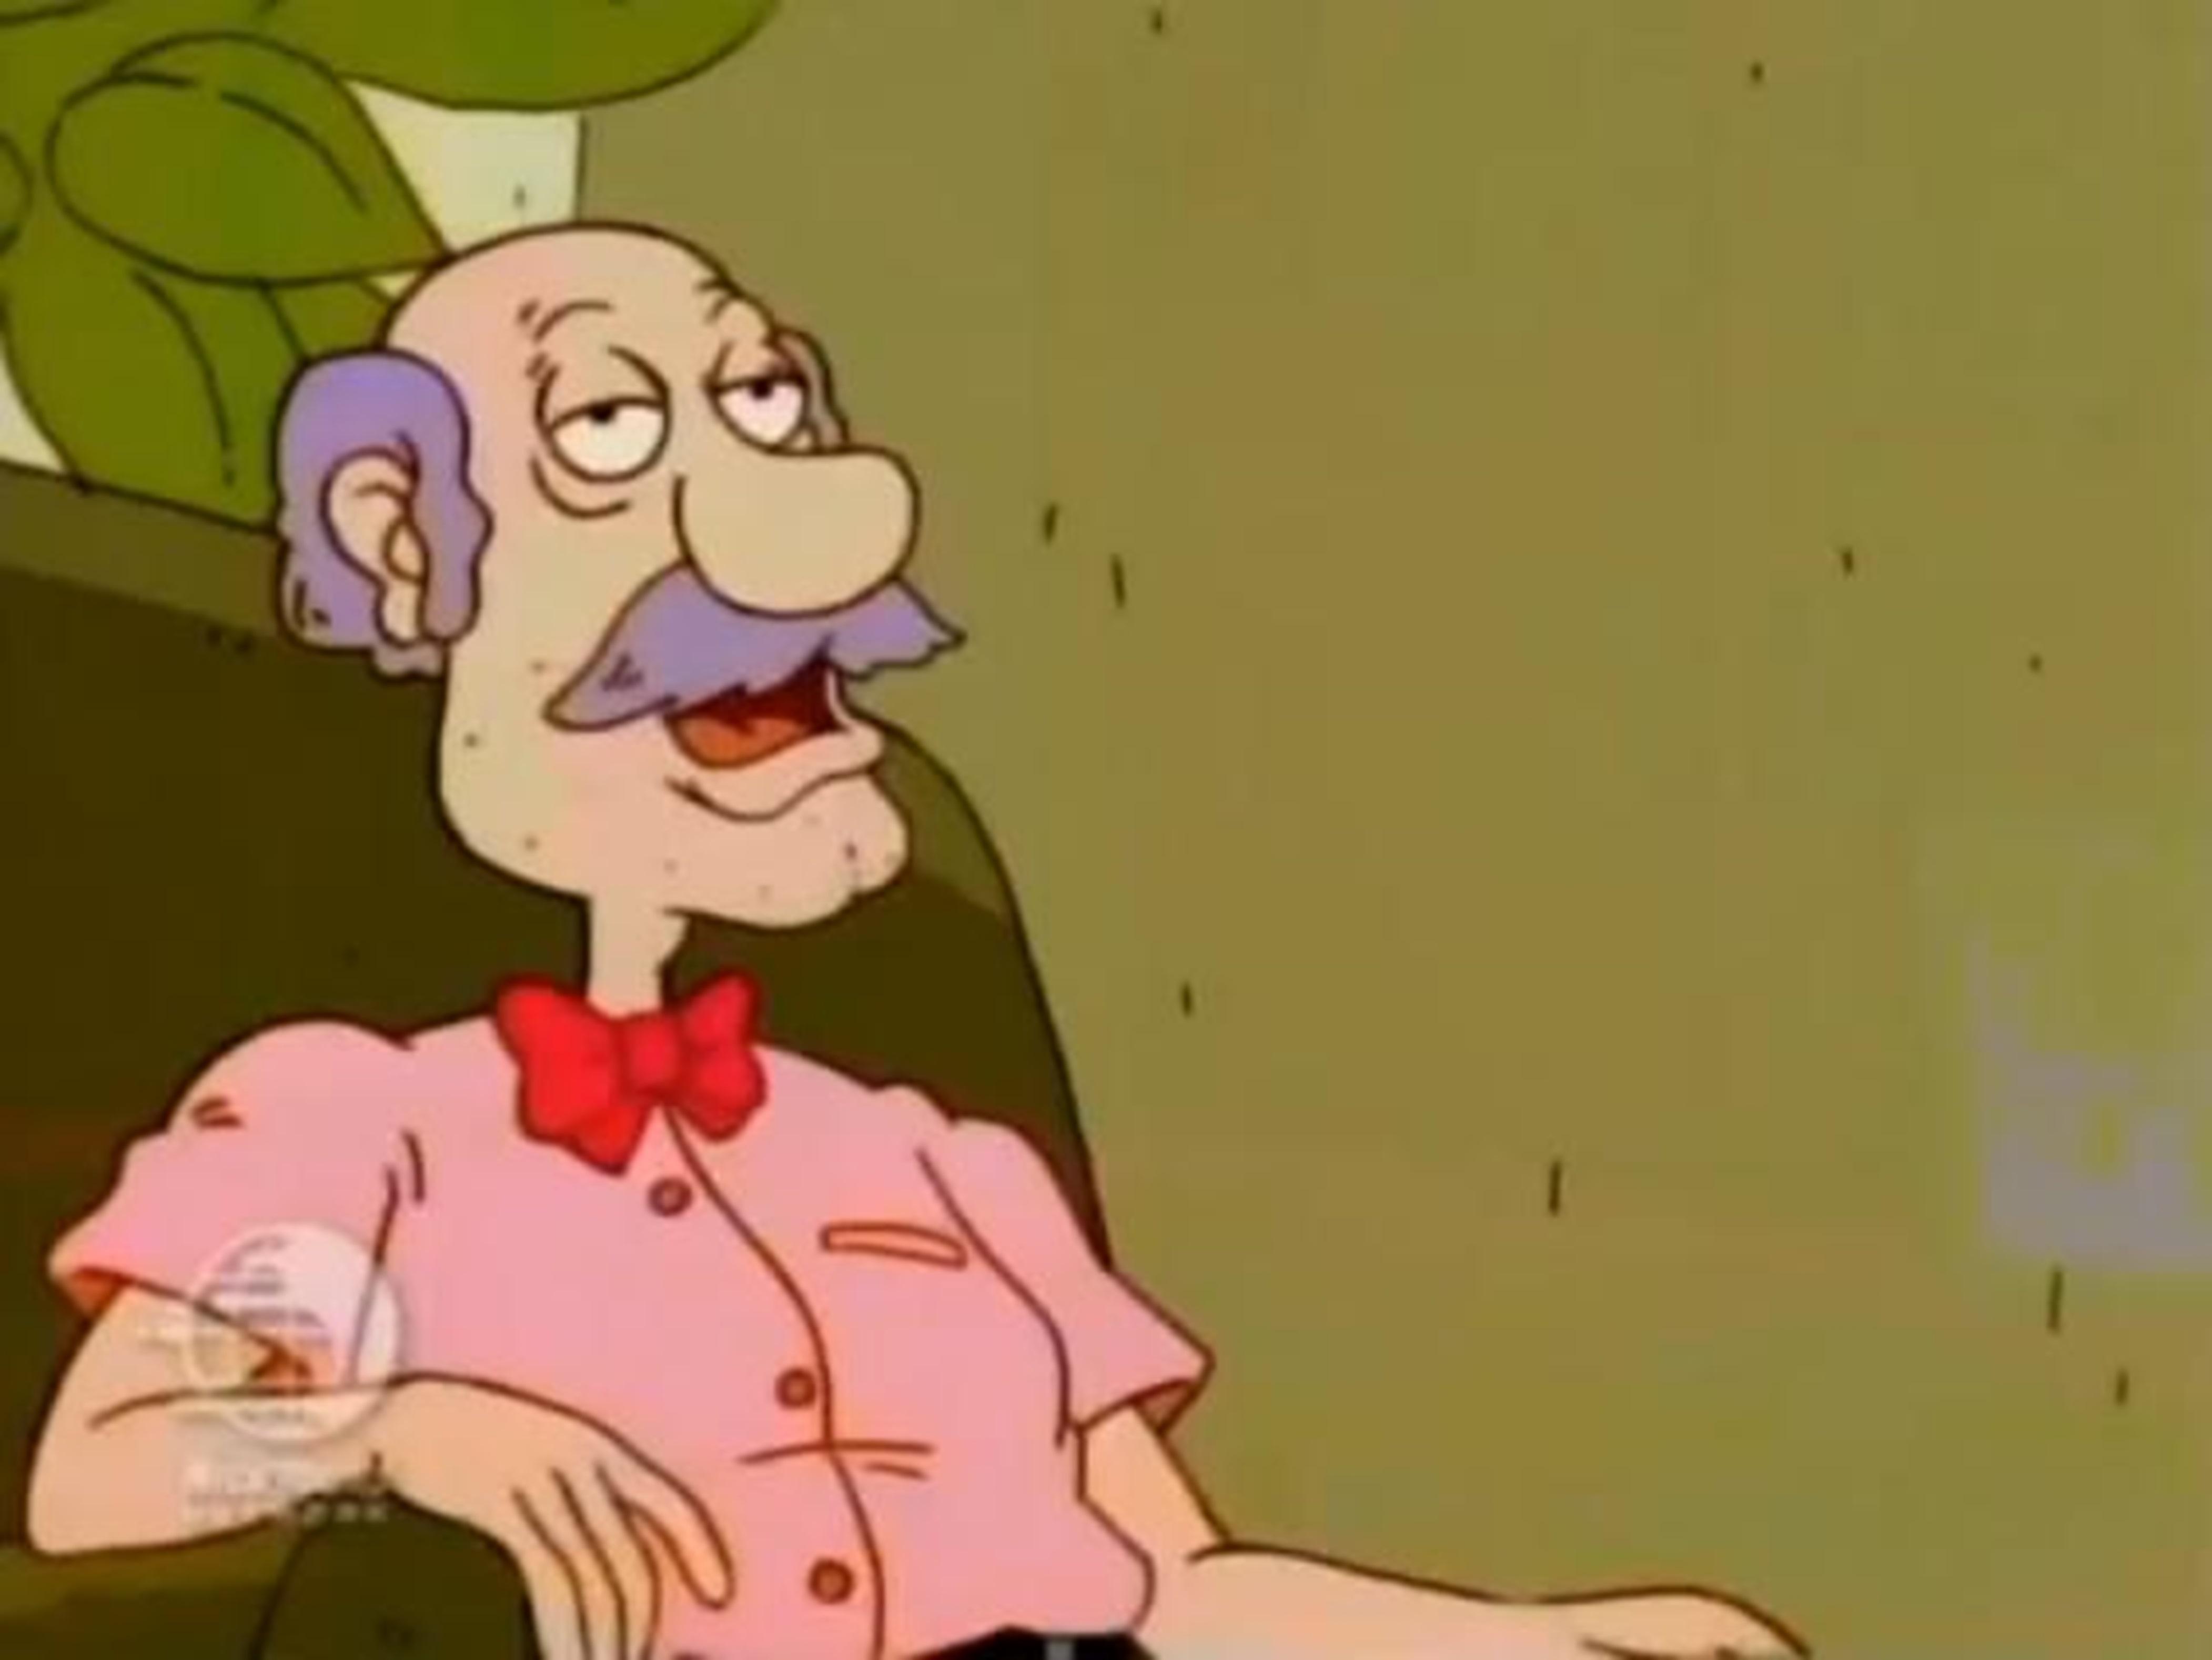 Mr. Dworzak